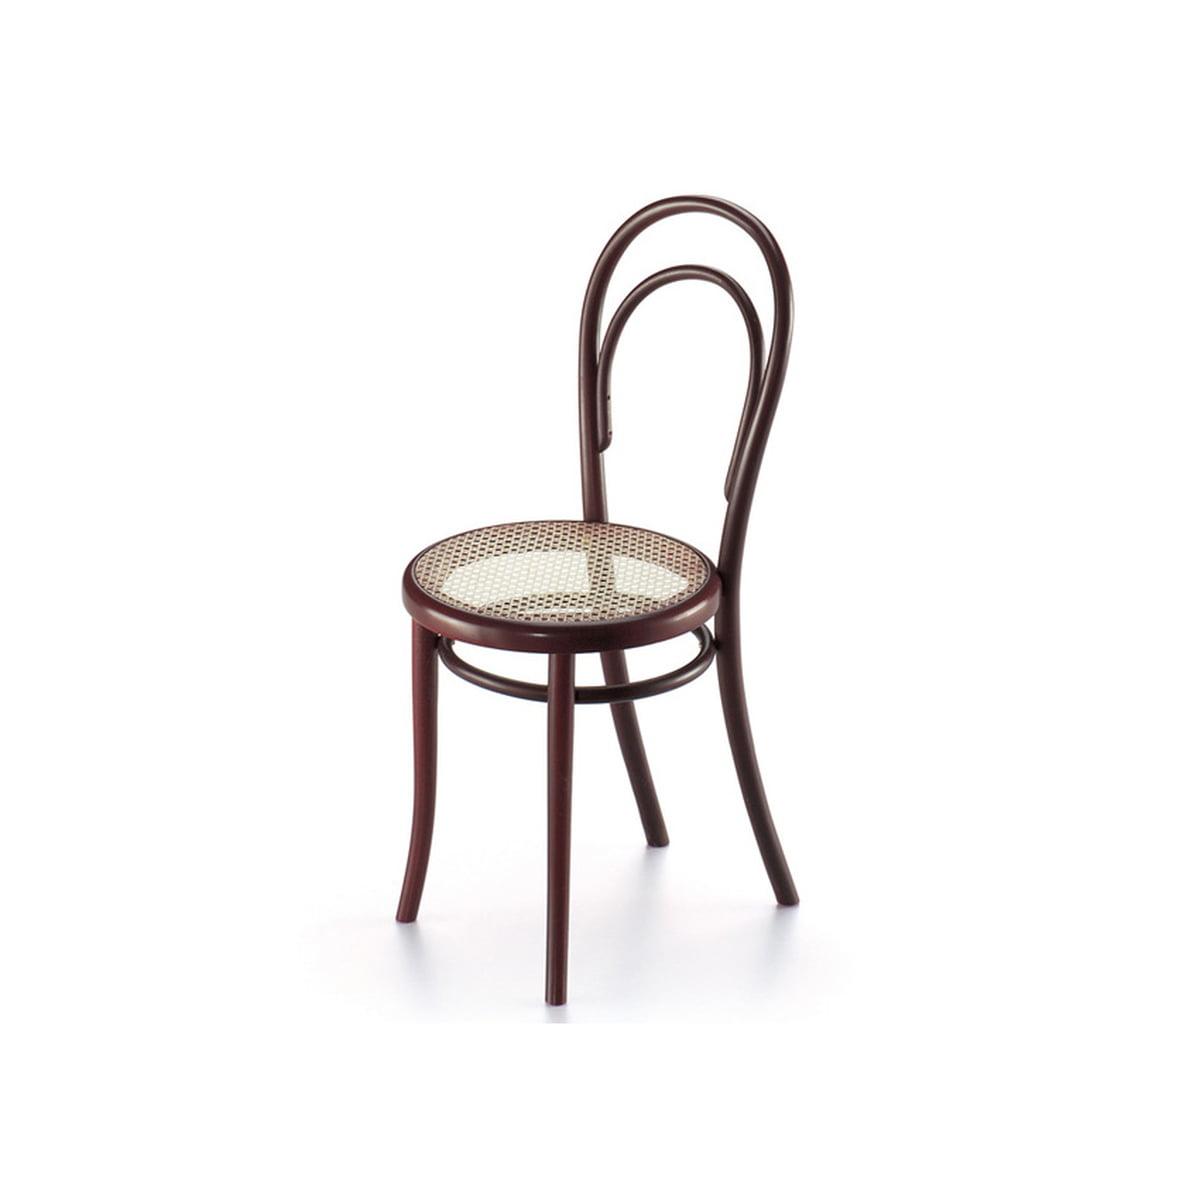 Vitra   Miniatur Thonet Chair No. 14